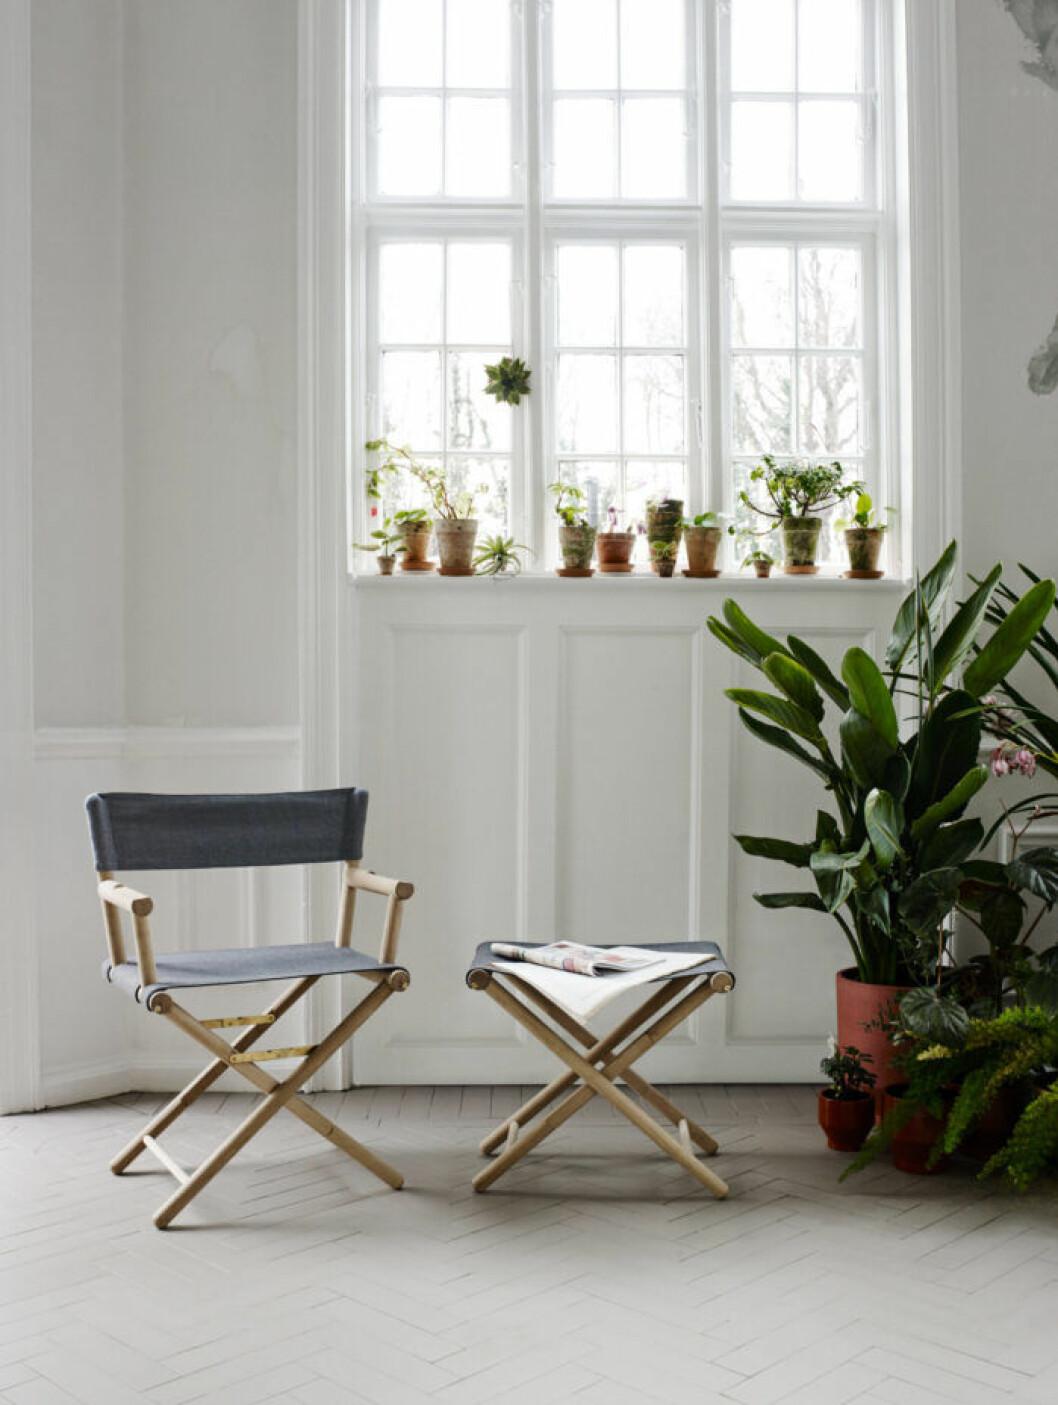 Skapa rum i rummet med växter